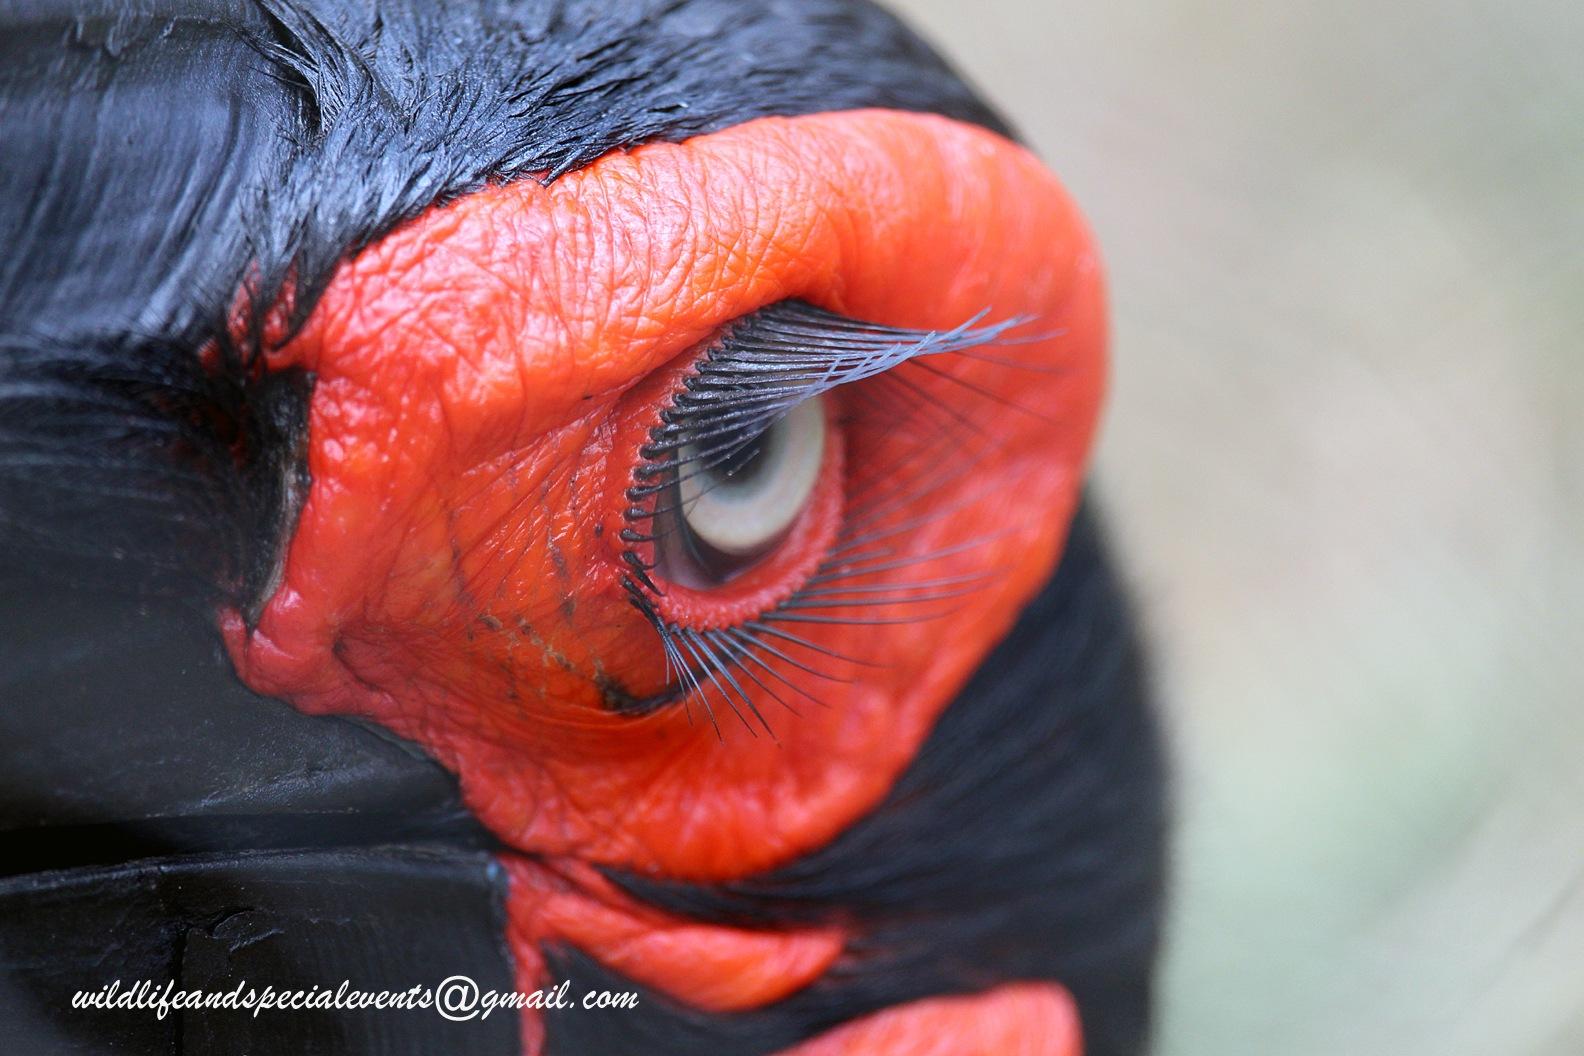 The eye of a hornbill by oosie